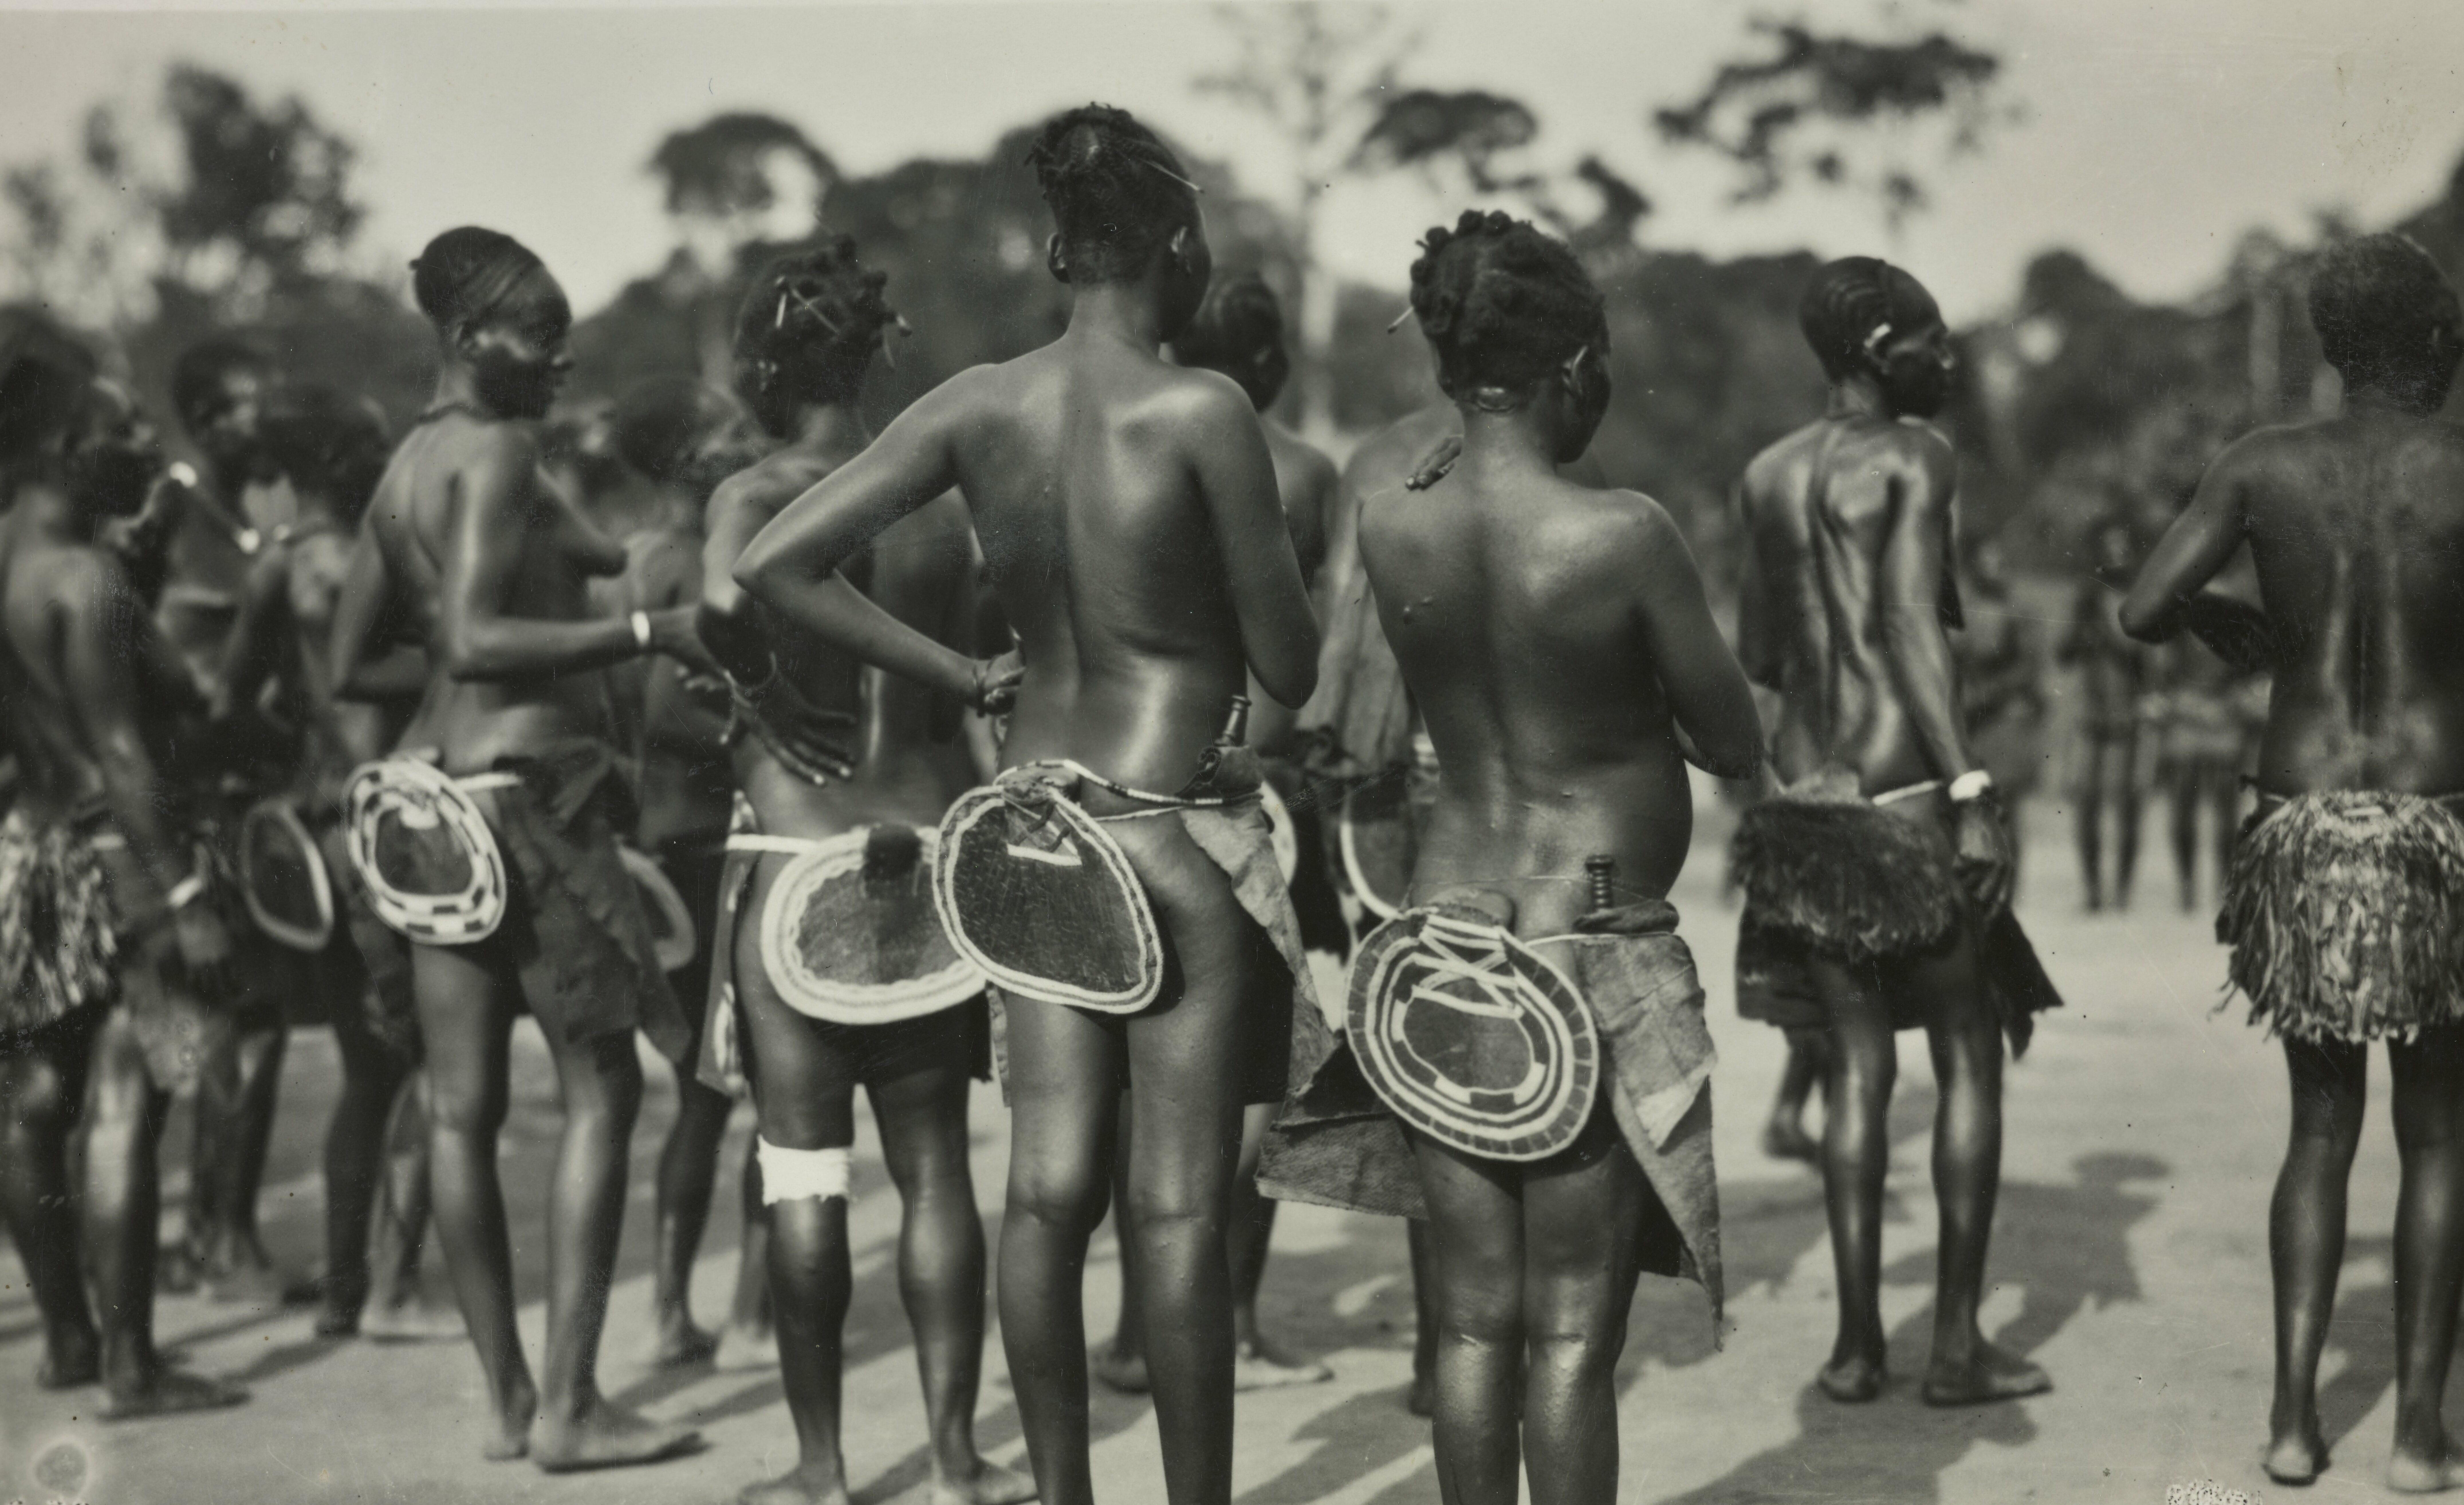 Mangbetu tanecnici